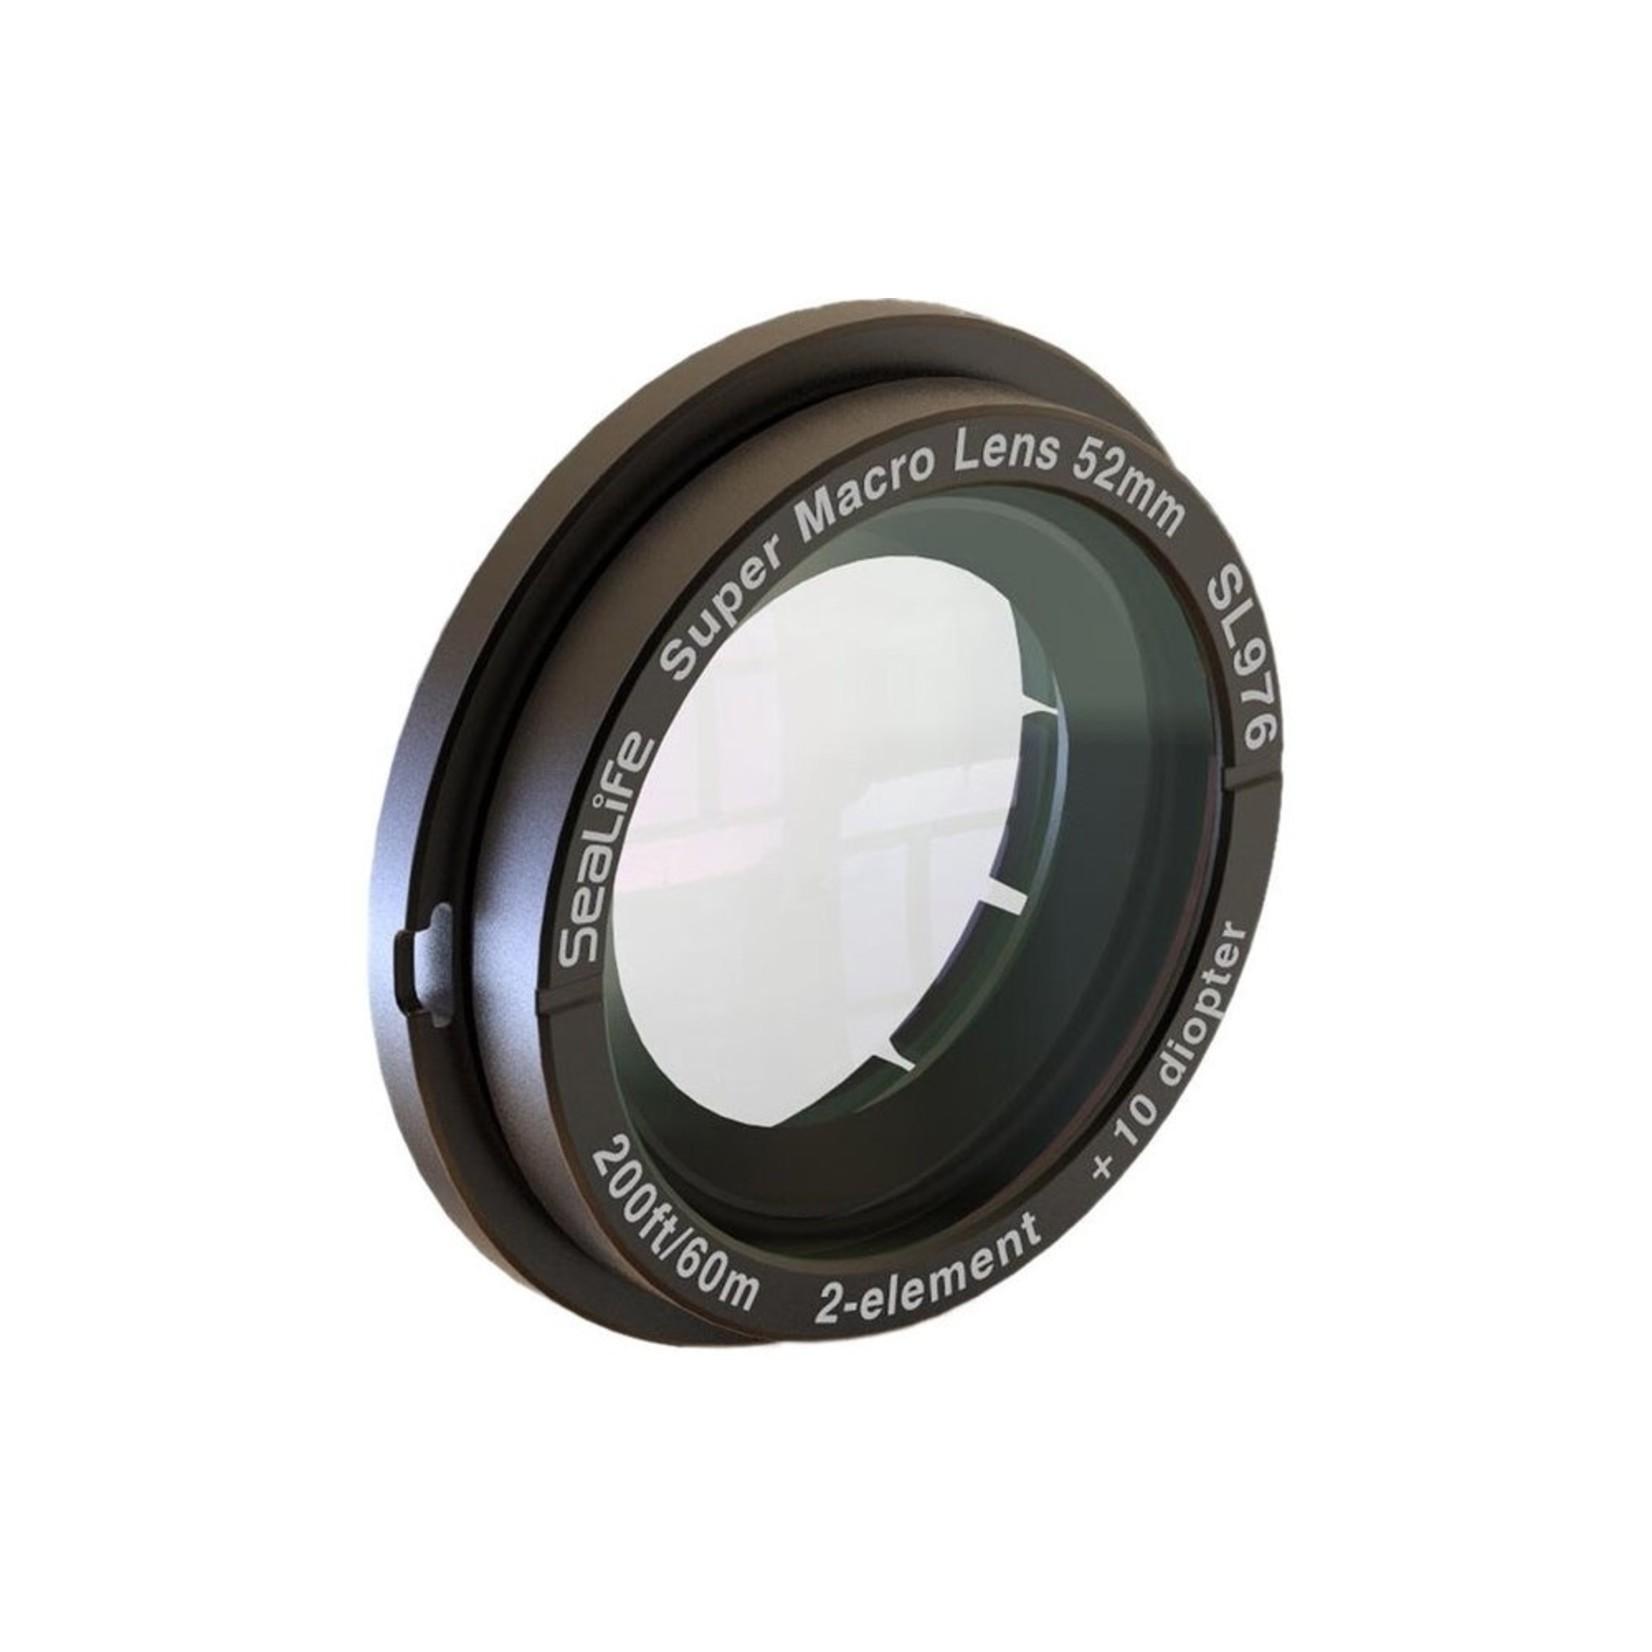 Sealife Super Macro Lens for SeaLife DC Series, (incl. SL977)